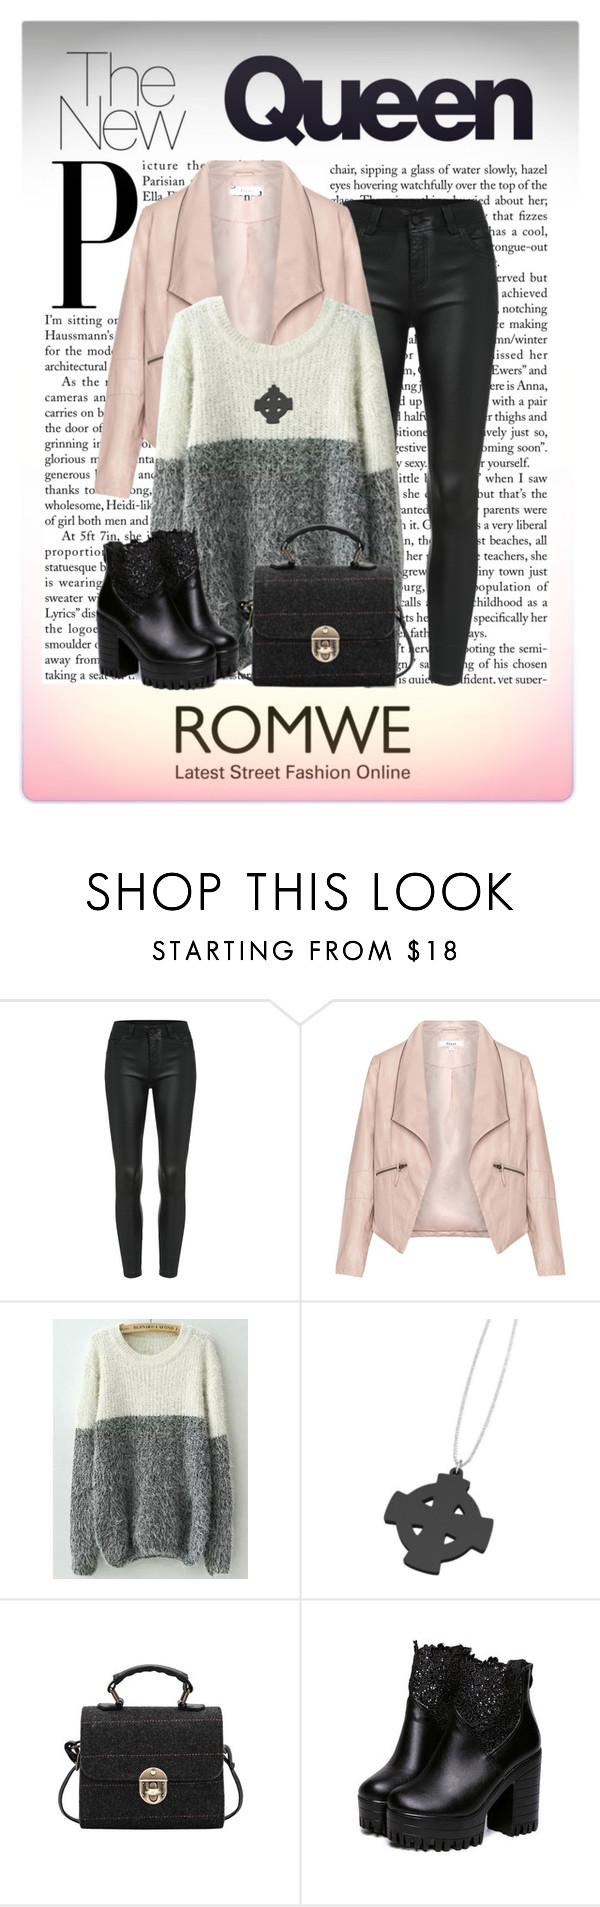 """""""ROMWE: White Grey Knit Sweater"""" by elena-indolfi ❤ liked on Polyvore featuring Zizzi, StreetStyle, romwe, sweaters, elenaindolfi and zazzy"""